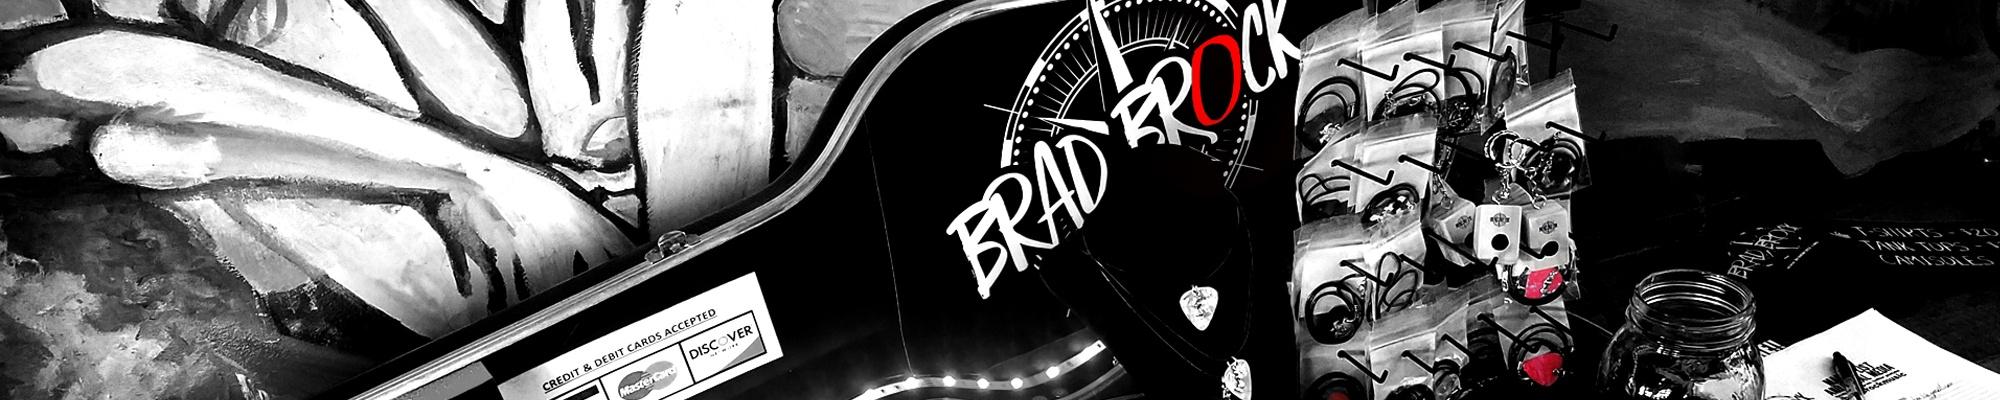 bradbrock Cover